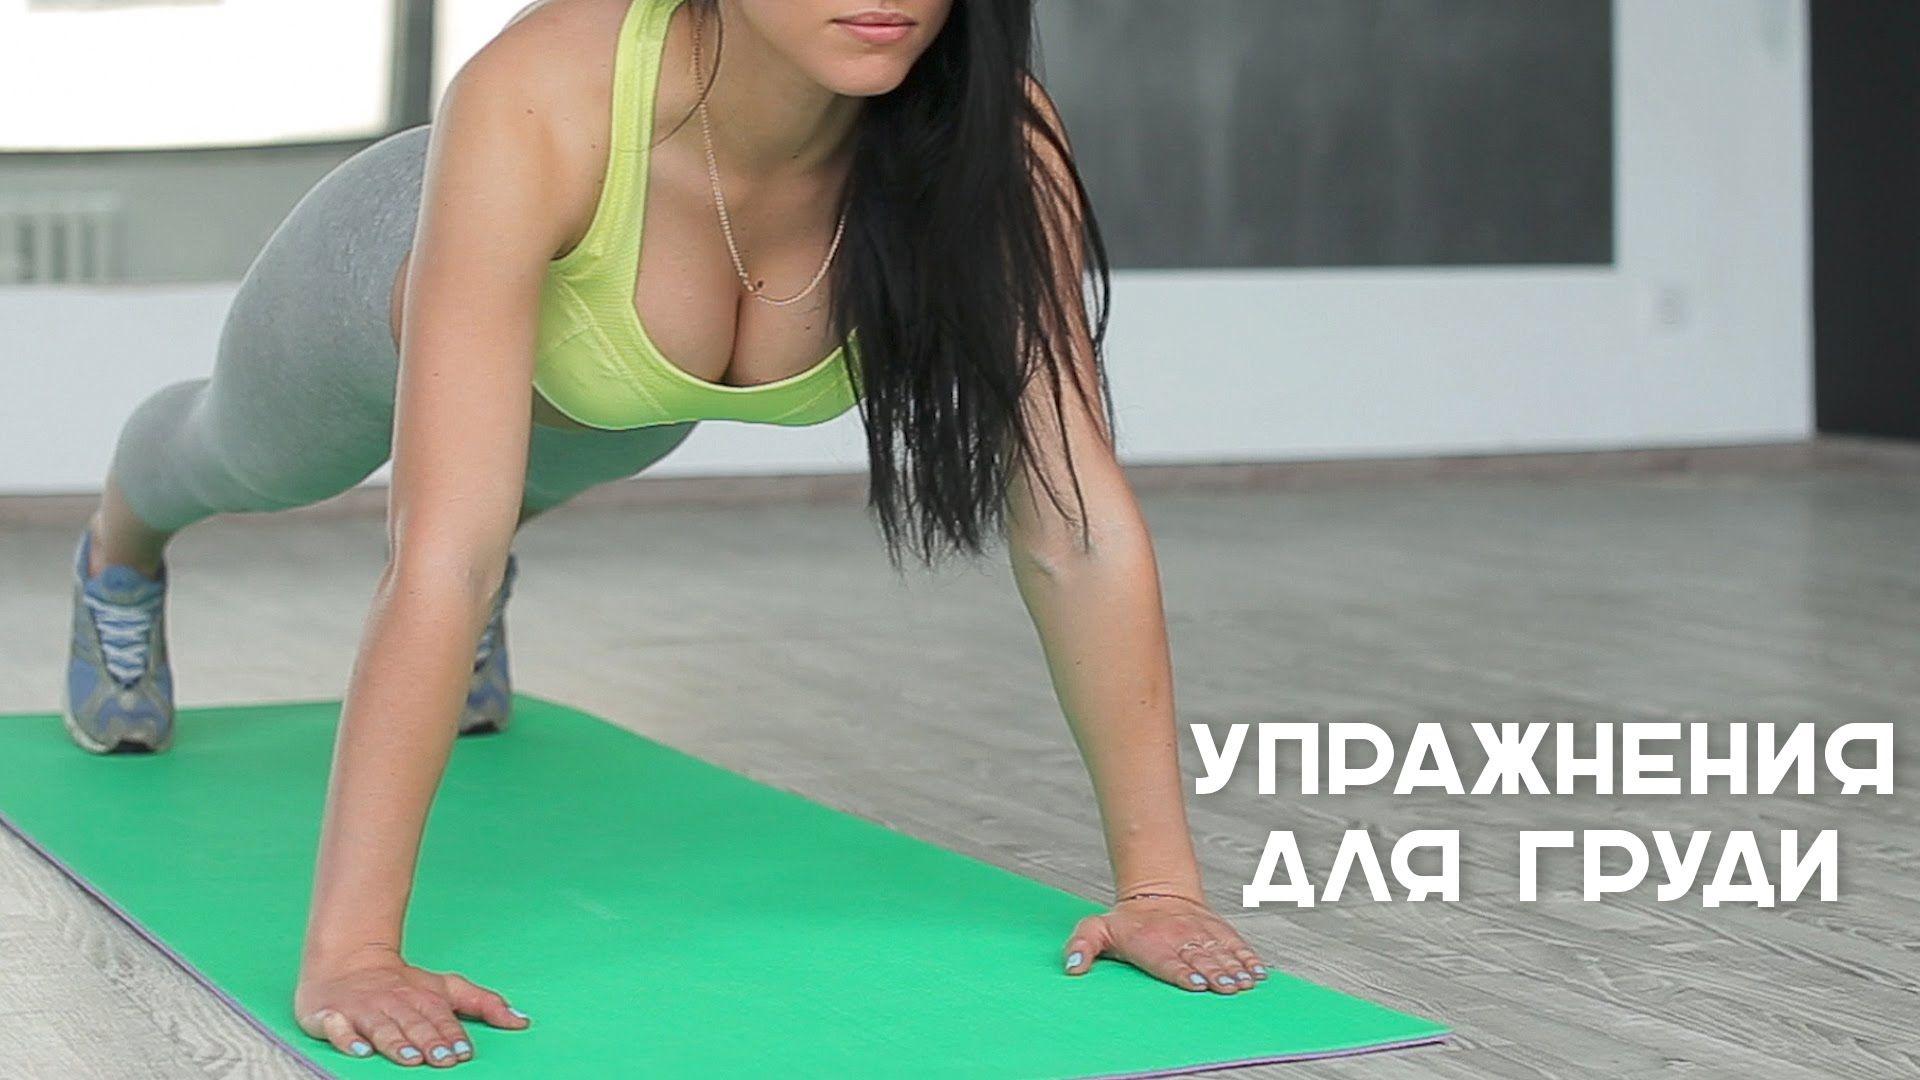 Видео эффективных упражнений для красивой груди